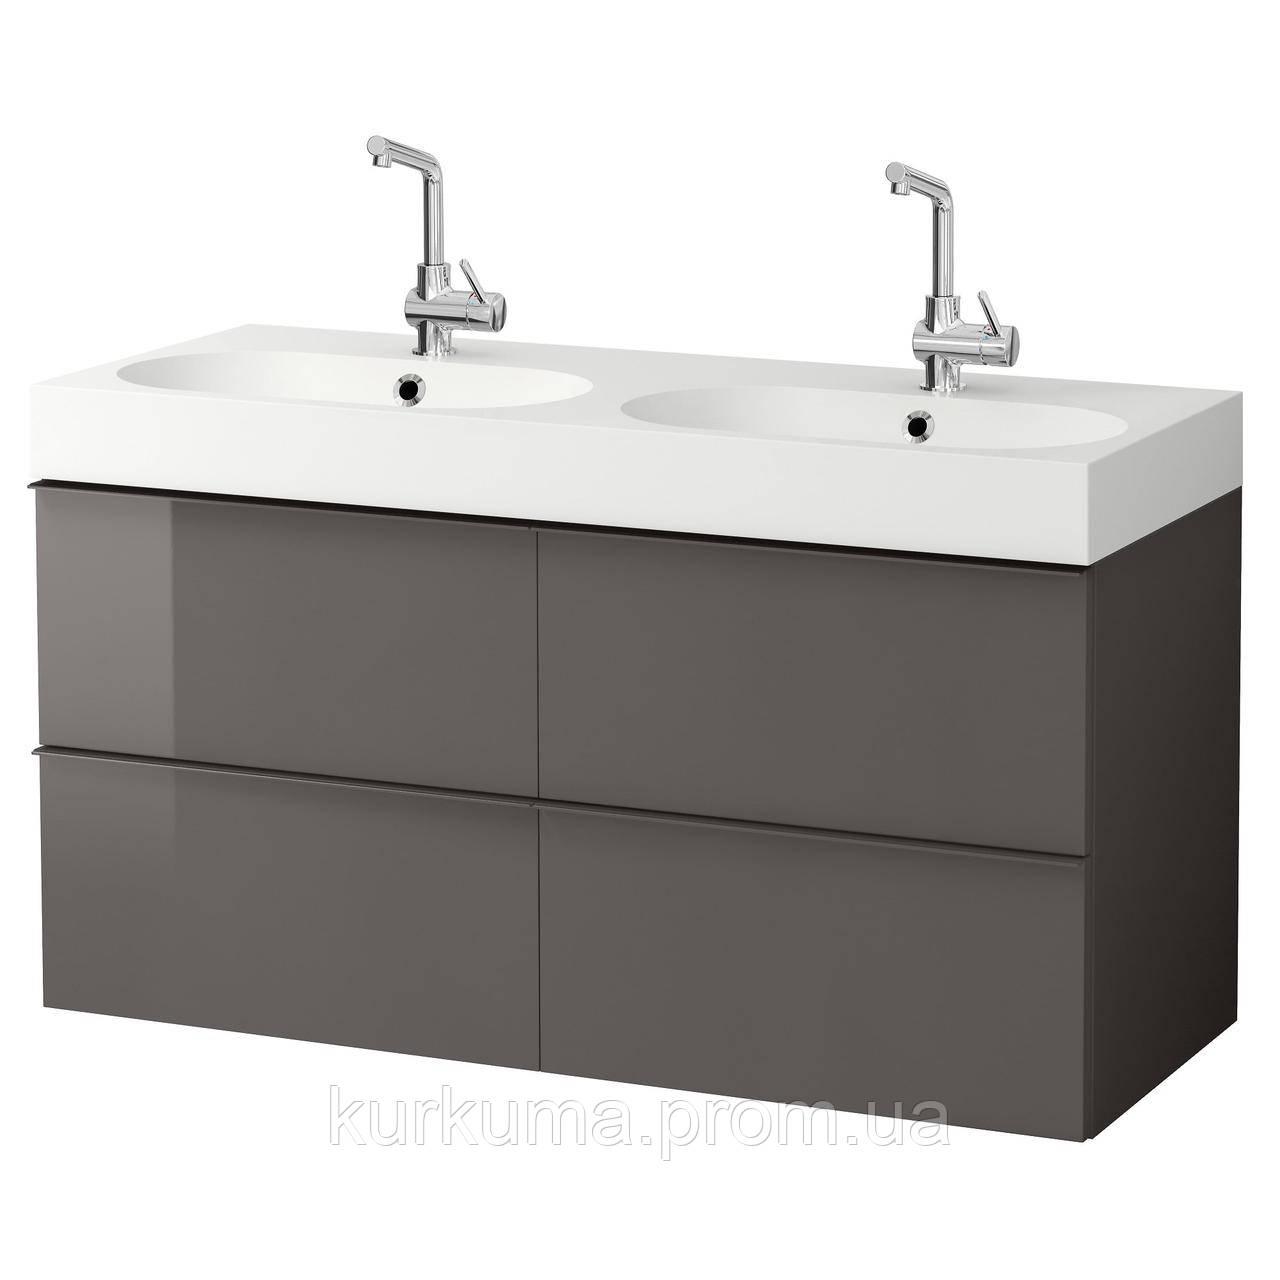 IKEA GODMORGON/BRAVIKEN Шкаф под умывальник с раковиной с 4 ящиками, глянцевый серый  (791.858.35)